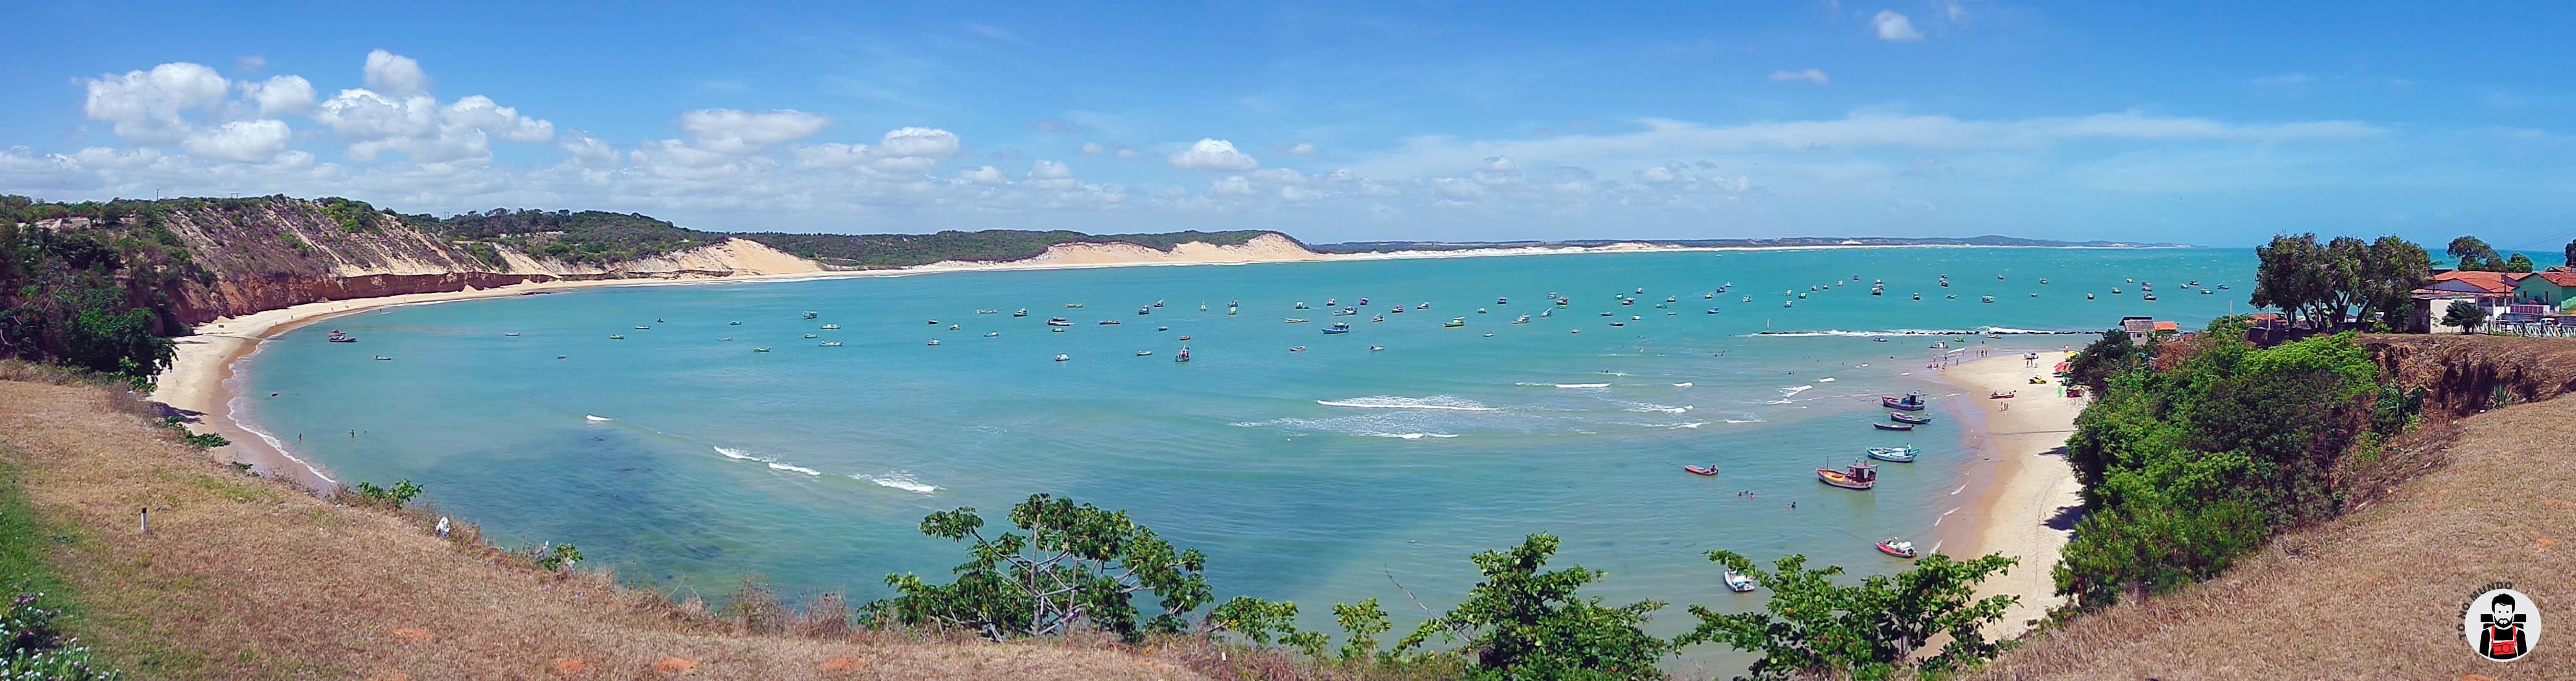 Baía Formosa Rio Grande do Norte fonte: infonet.com.br